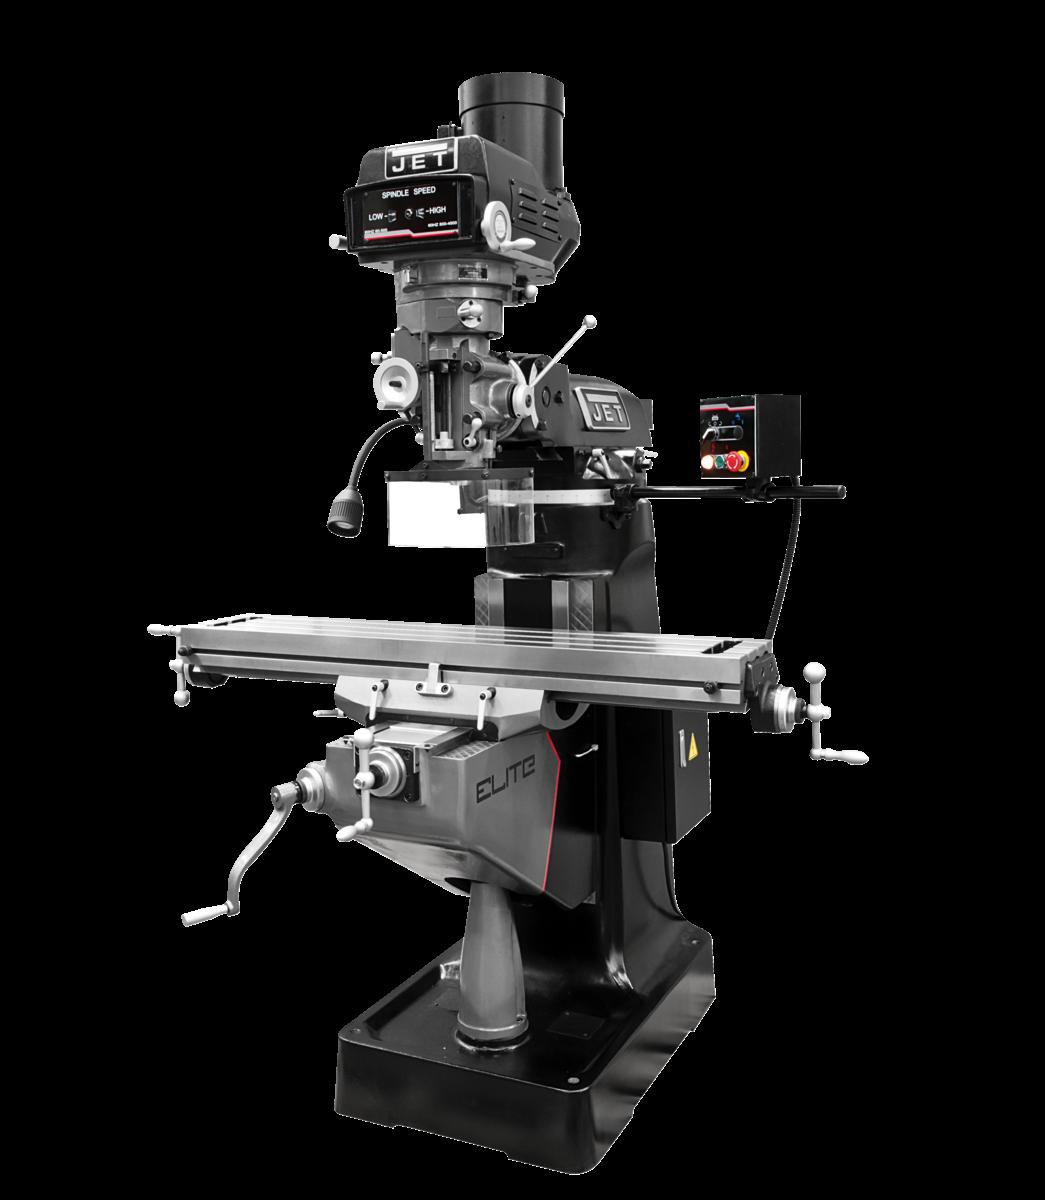 ETM-949 Mill with Servo Z-Axis Powerfeed